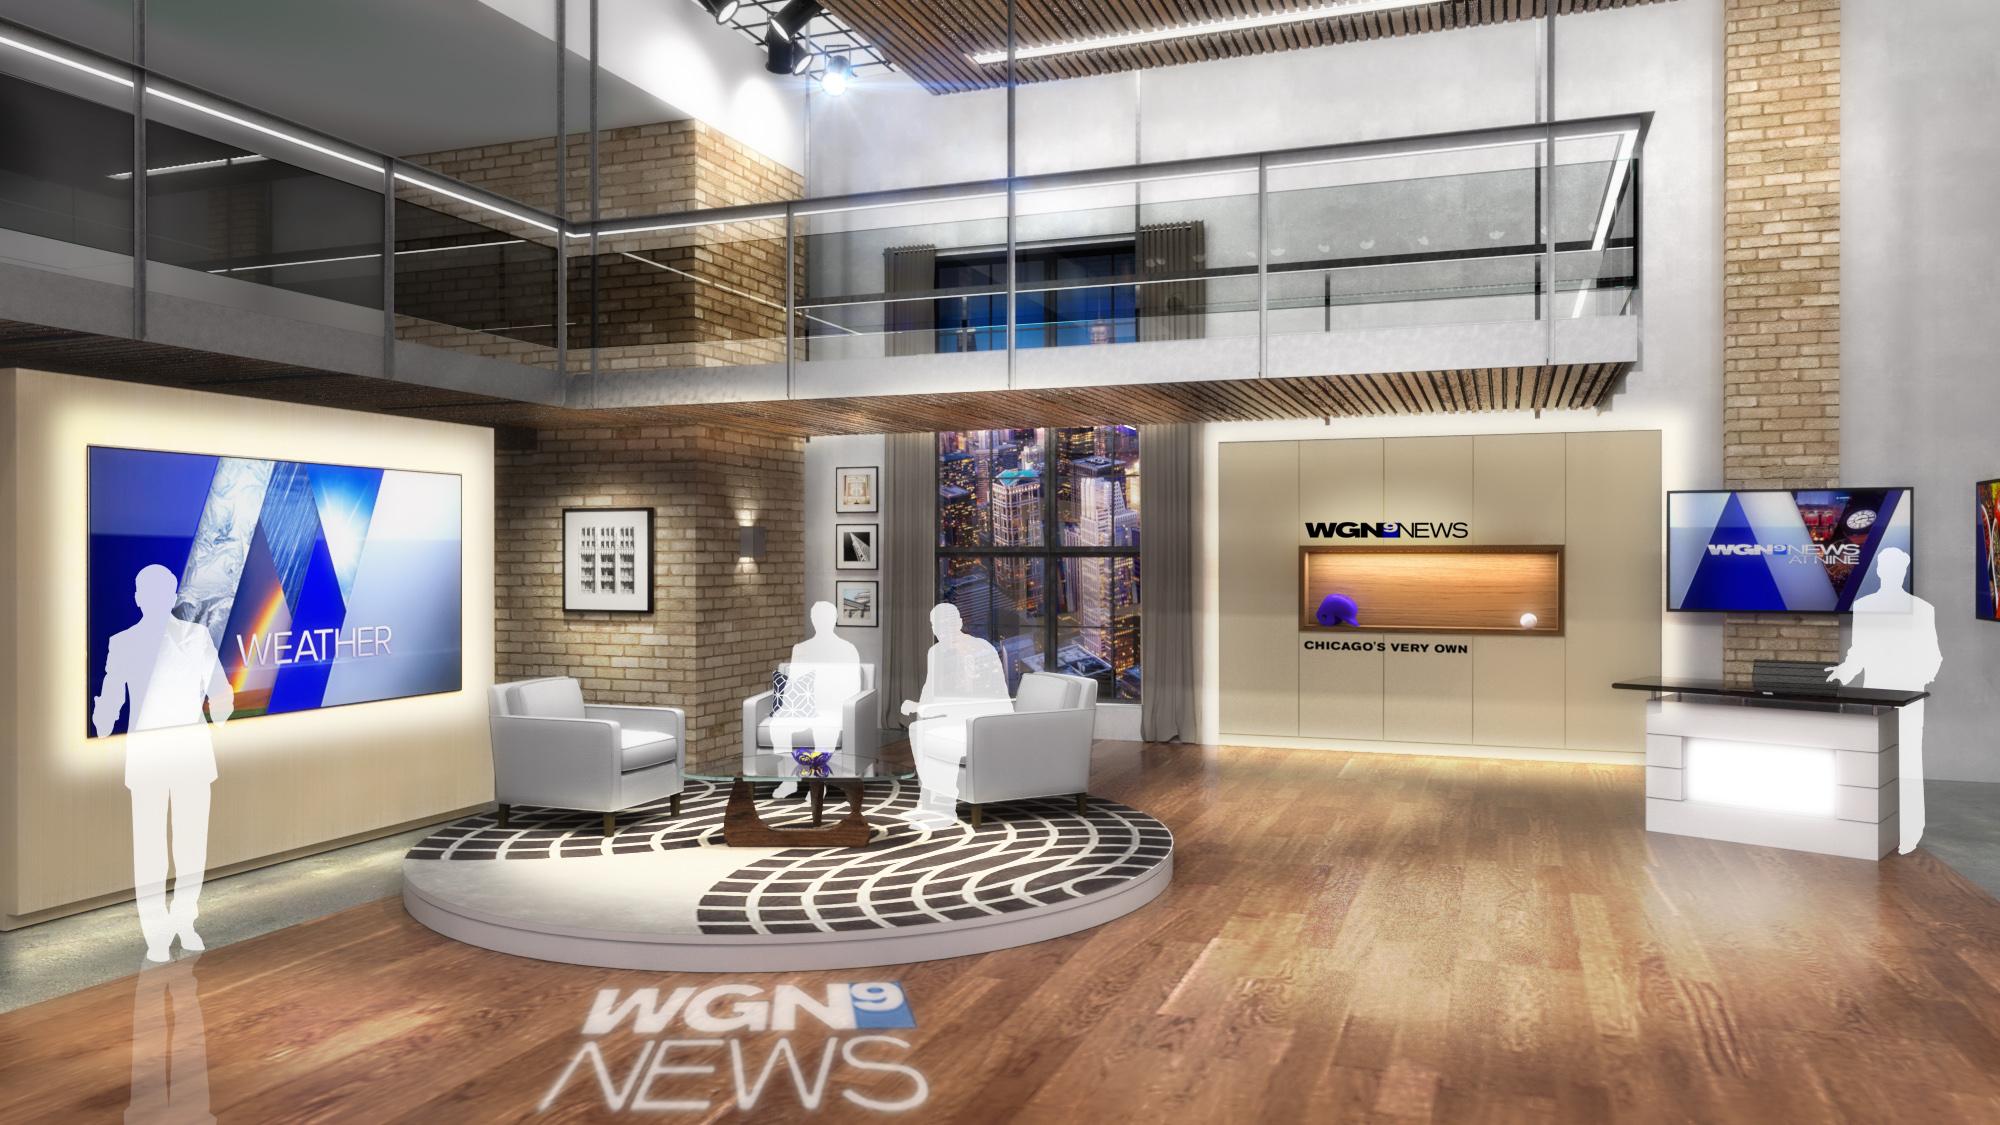 WGN TV9 Newscast Broadcast Studio Design